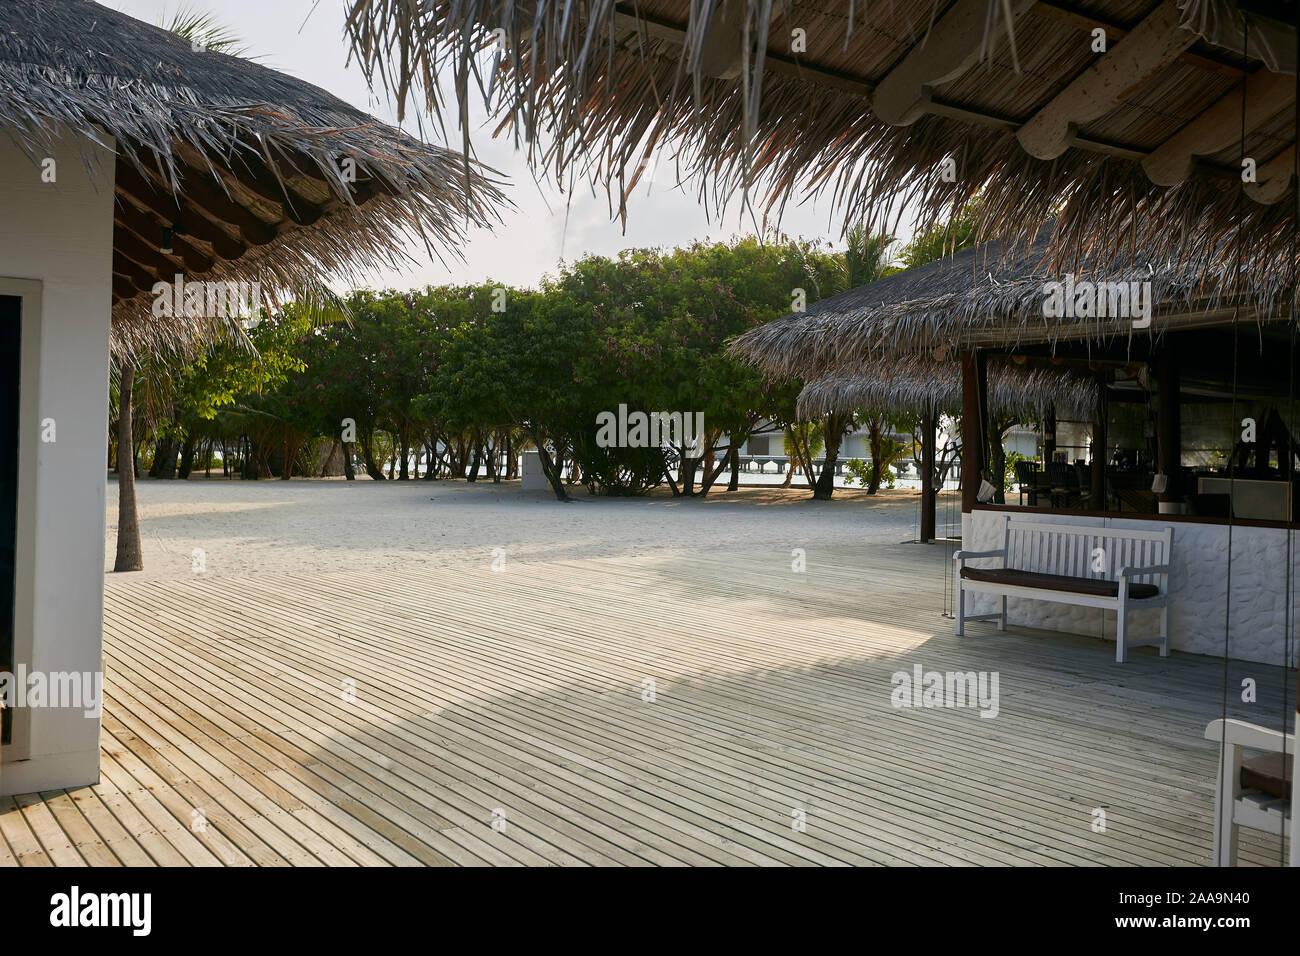 Gran Terraza Con Piso De Madera Natural En Una Isla Tropical